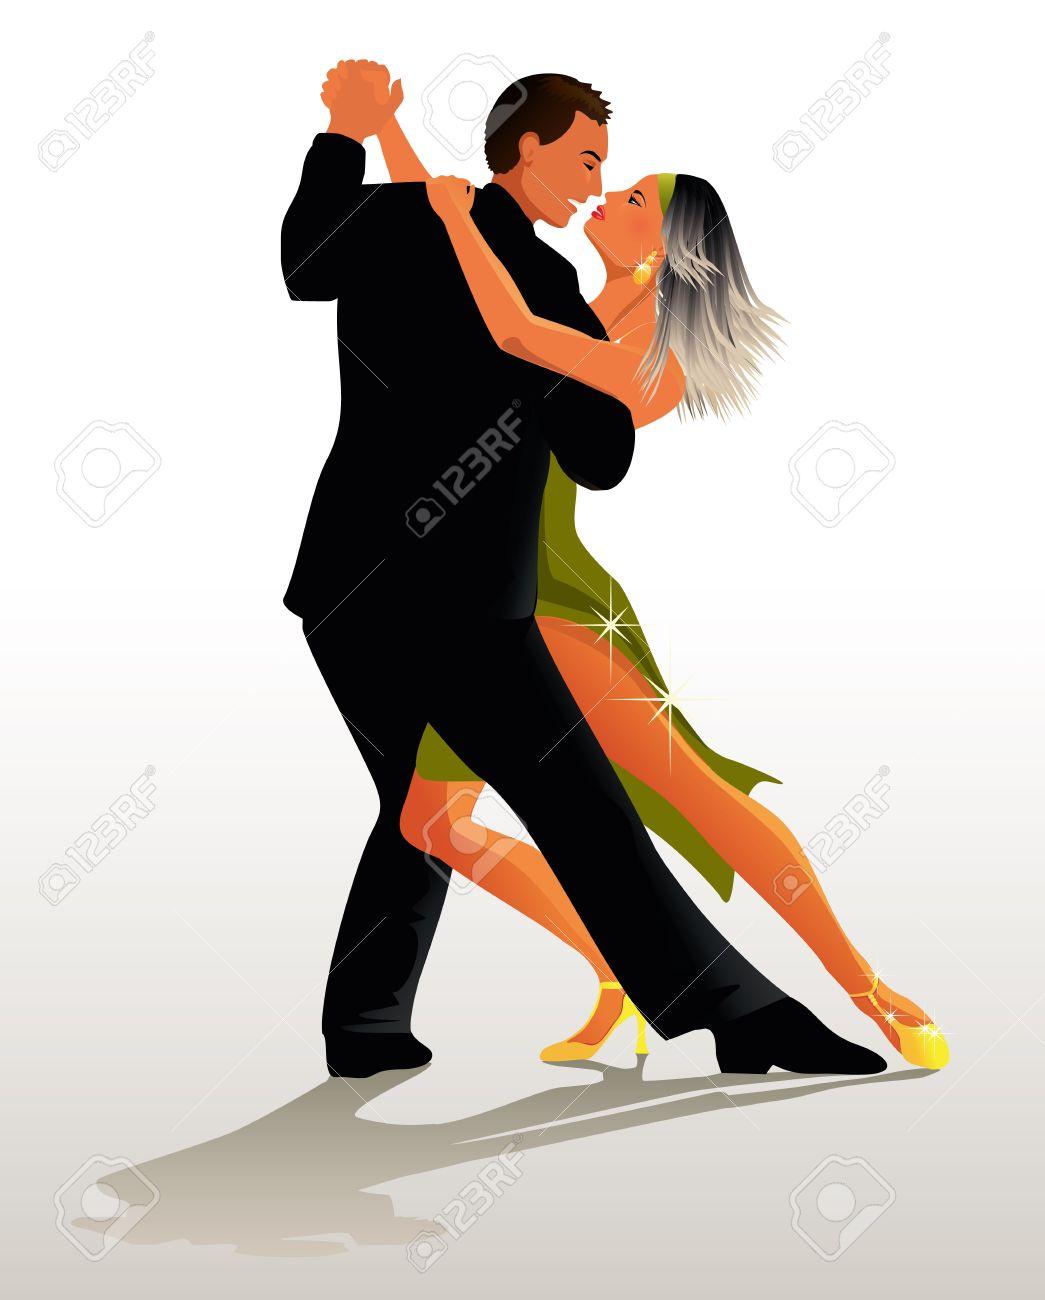 Couple dancing Tango - 16031457